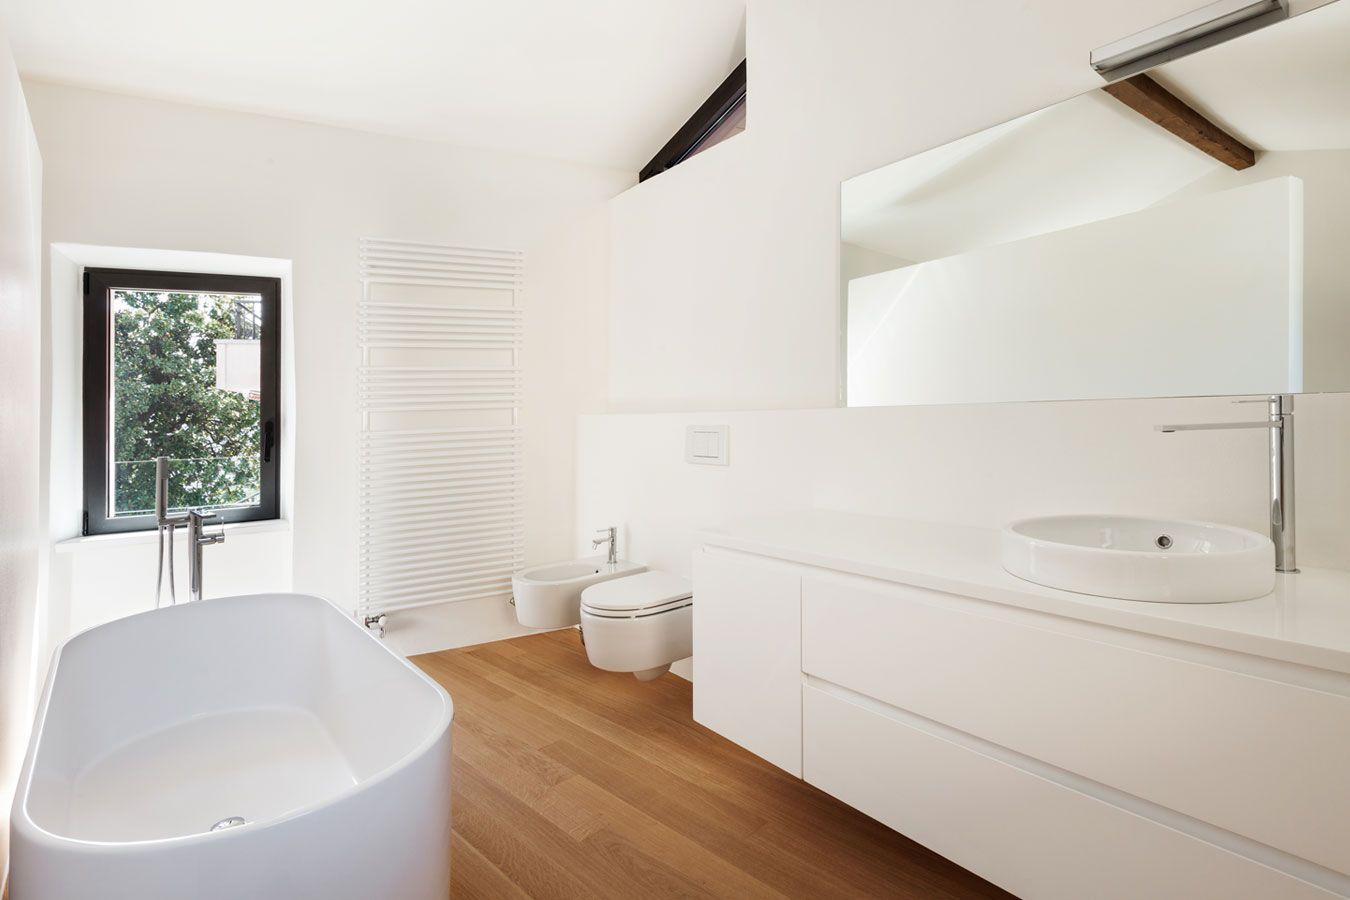 Grote Tegels Badkamer : Afbeeldingsresultaat voor badkamer grote tegels inspiratie